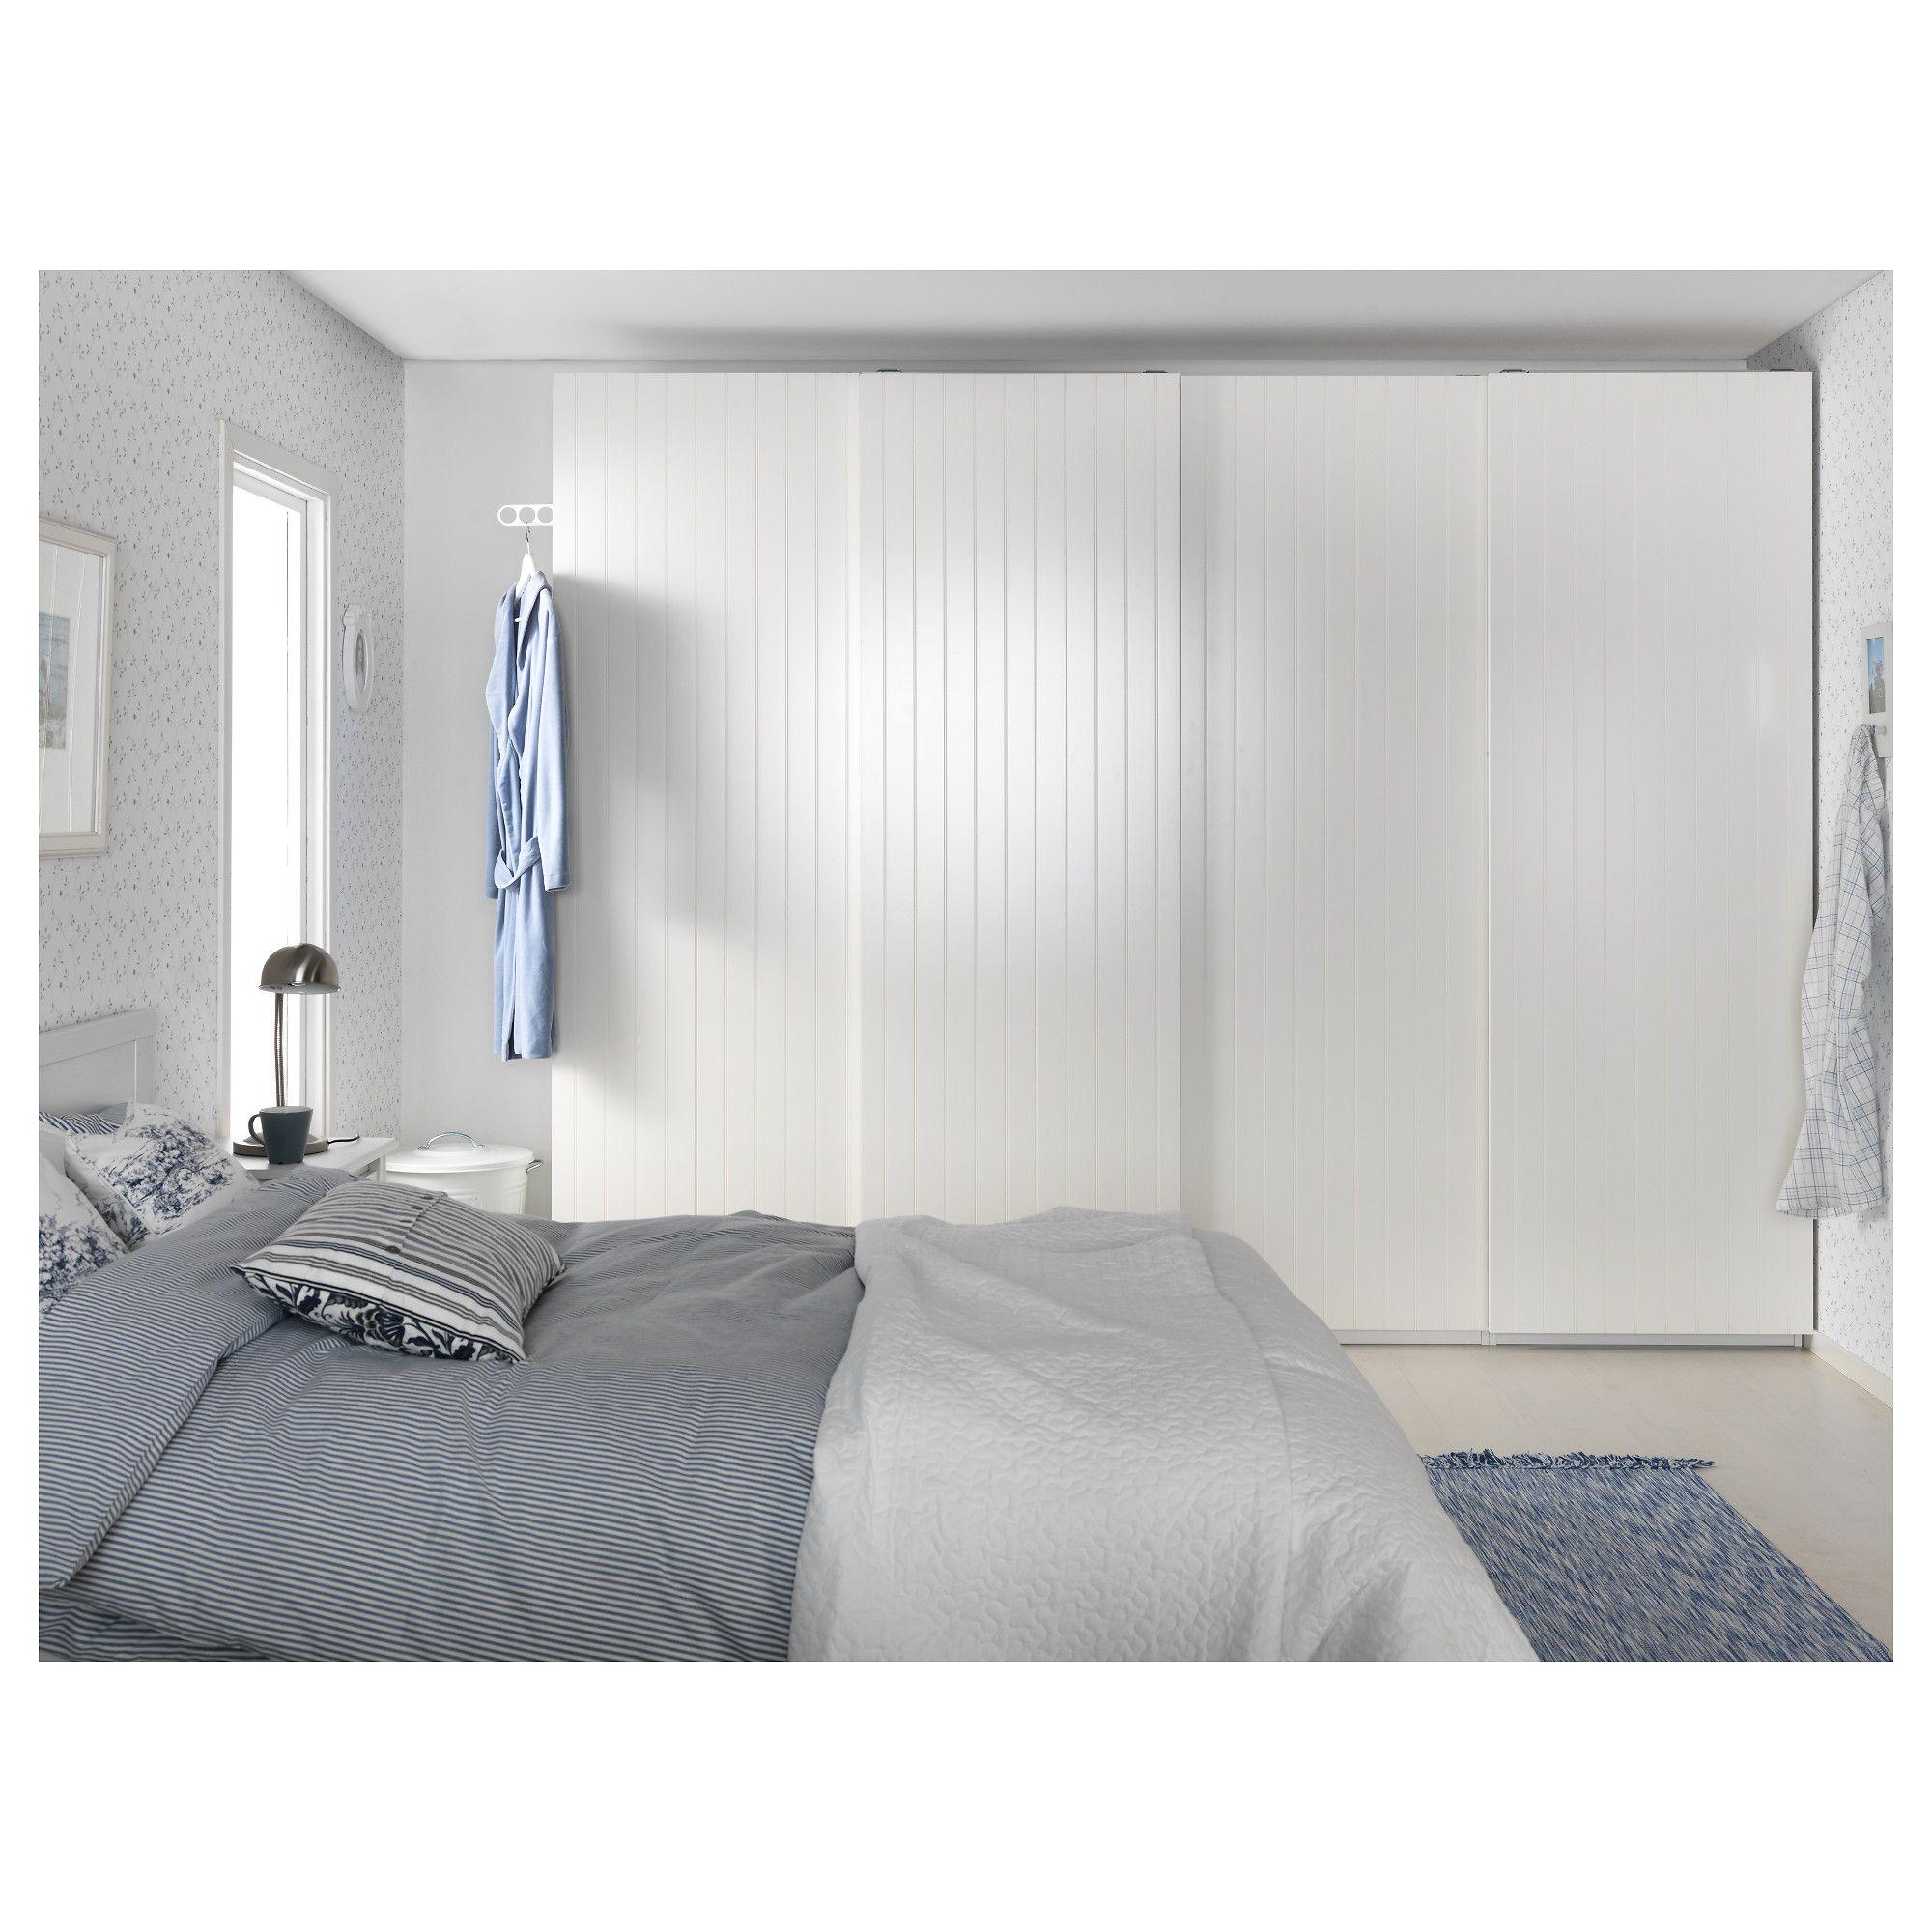 sliding life nextnav for fight cool fitted wardrobes prevnav best uk doors ikea door